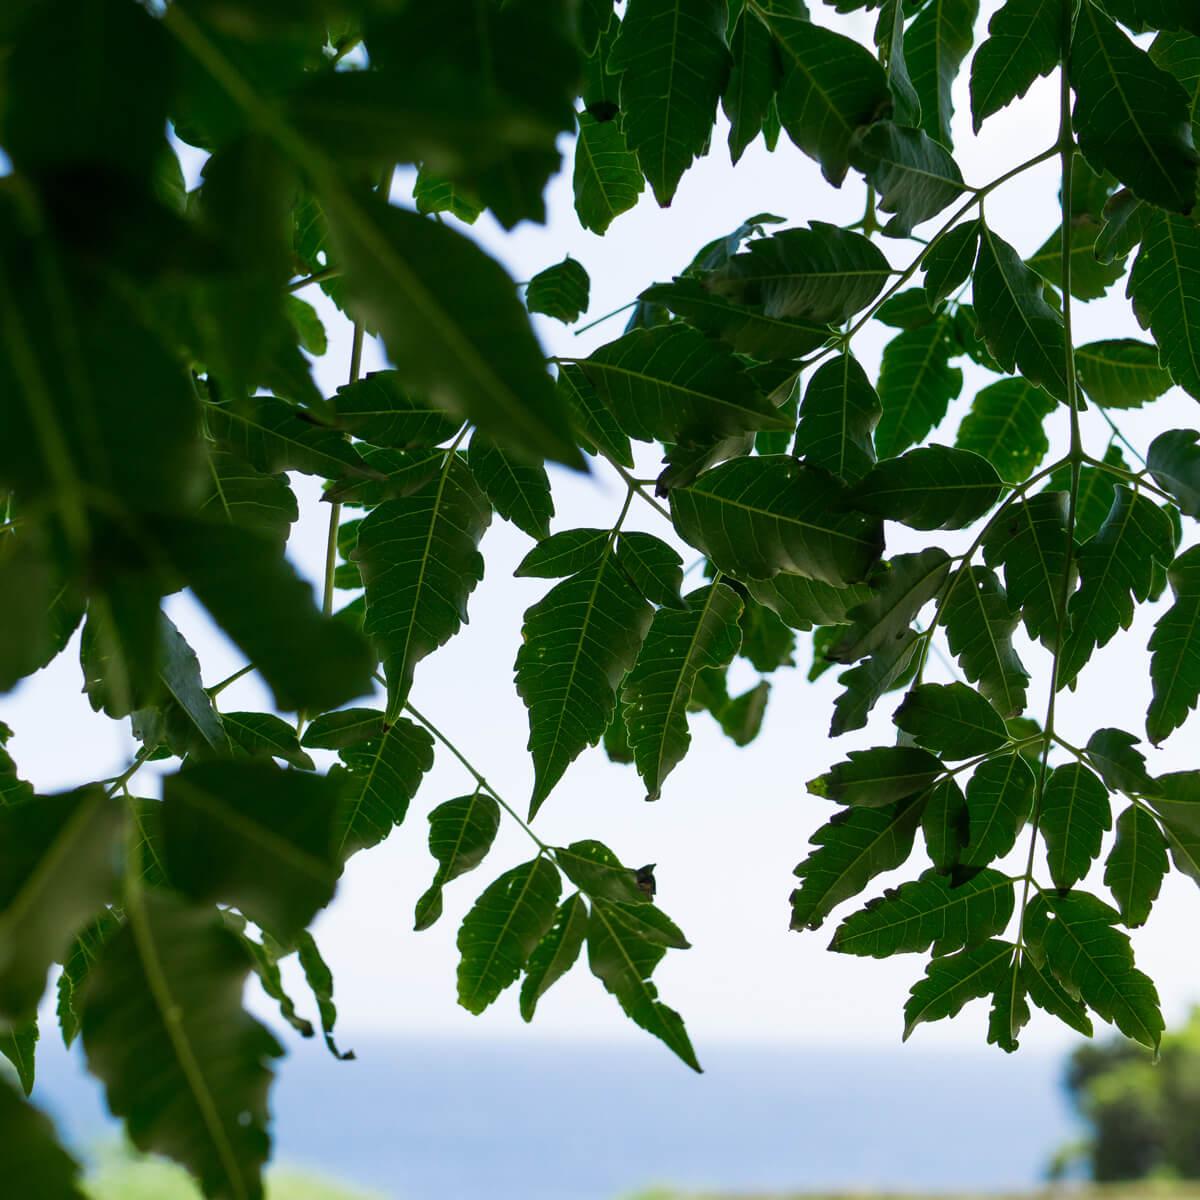 葉っぱ越しに海 屋久島日々の暮らしとジュエリー オーダーメイドマリッジリングのモチーフ